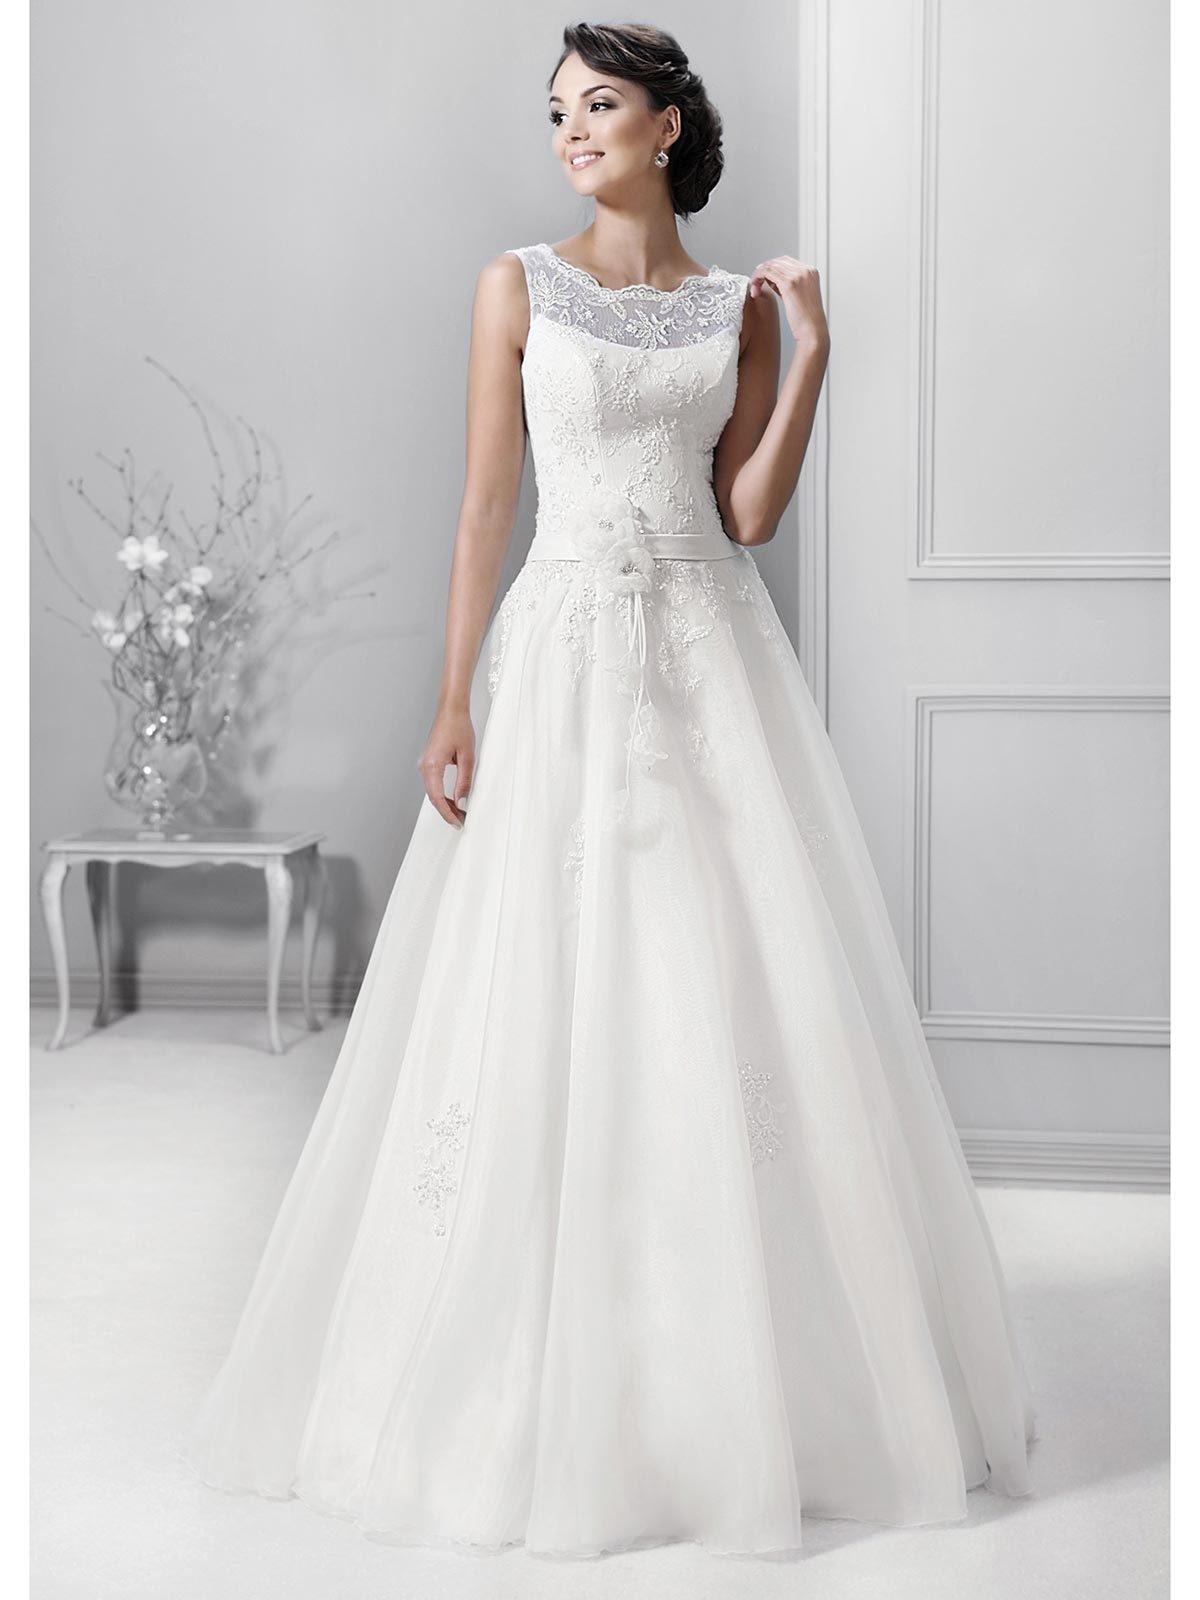 17 Schön Brautkleider Mode Ärmel Ausgezeichnet Brautkleider Mode Vertrieb